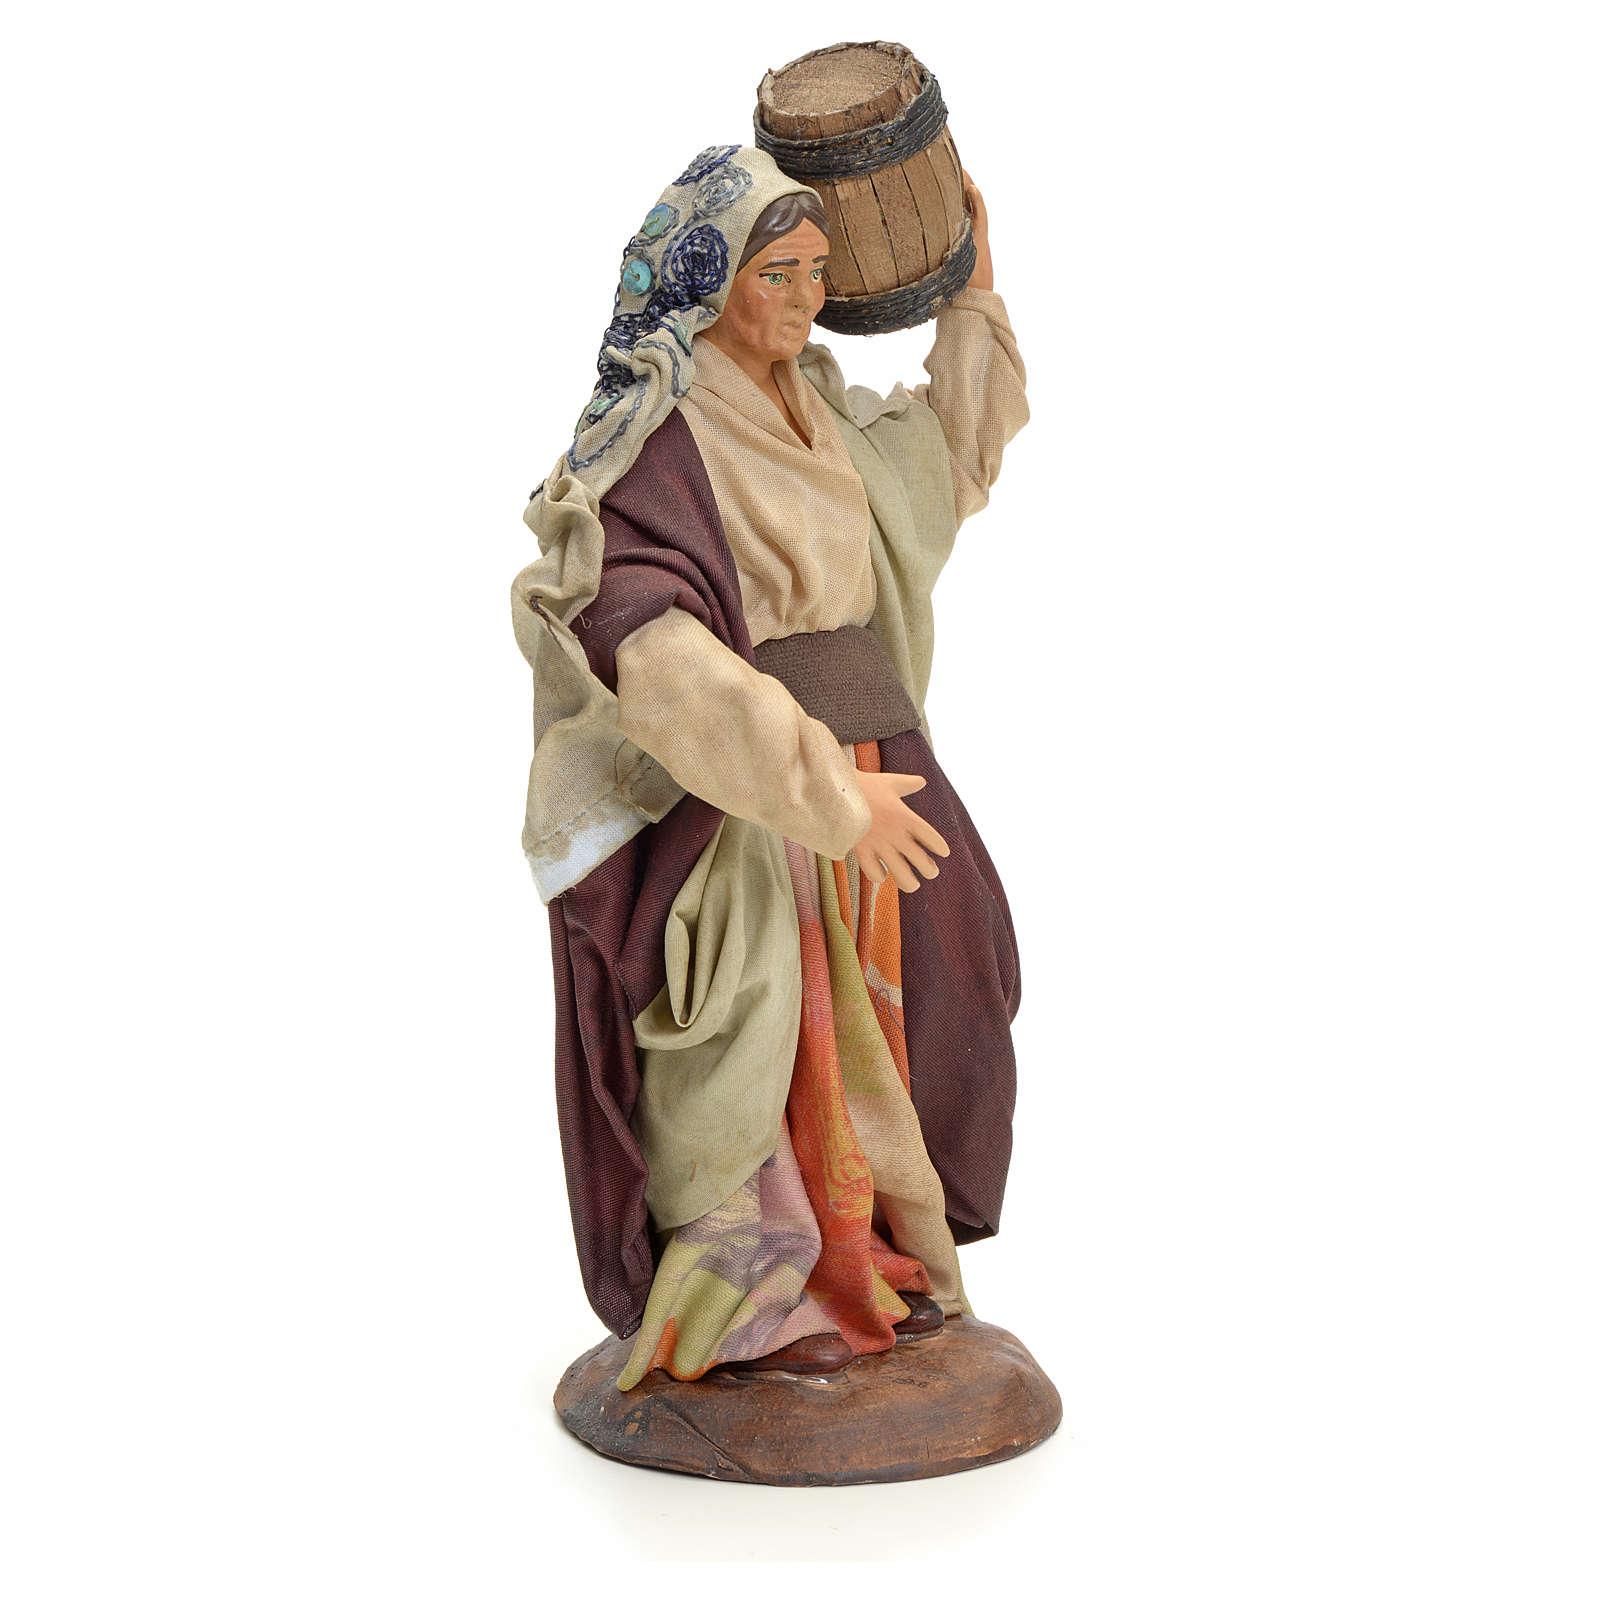 Femme au tonneau crèche Napolitaine 18 cm 4